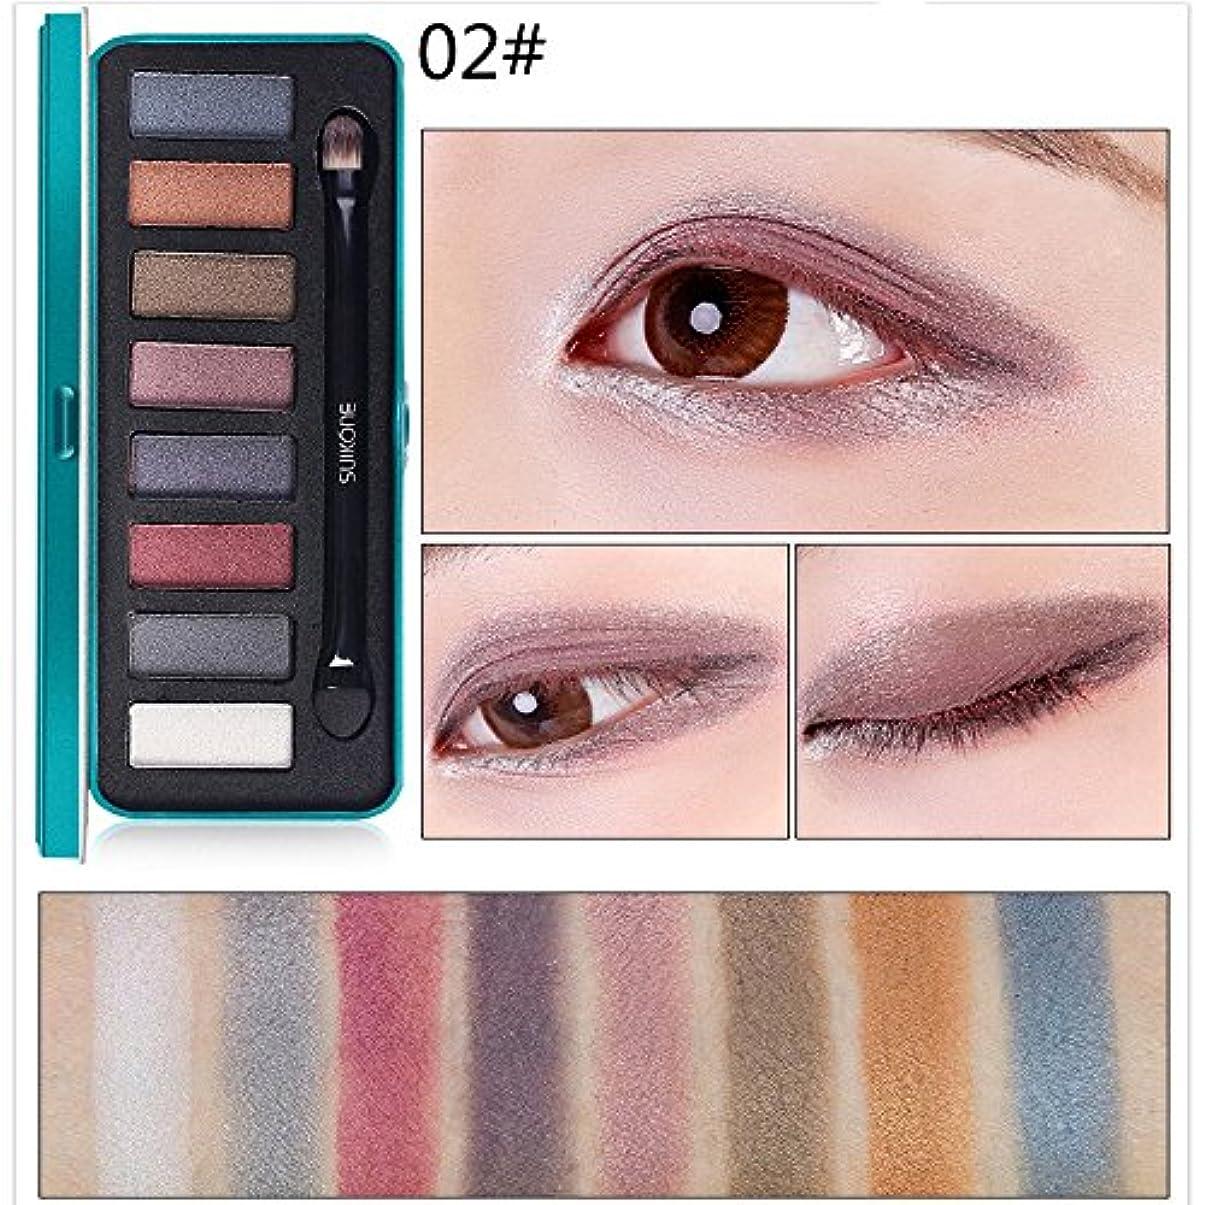 天才クラウドアーティファクトAkane アイシャドウパレット Suikone ファッション 人気 気質的 綺麗 メタルボックス 魅力的 チャーム 防水 長持ち おしゃれ 持ち便利 Eye Shadow (8色)